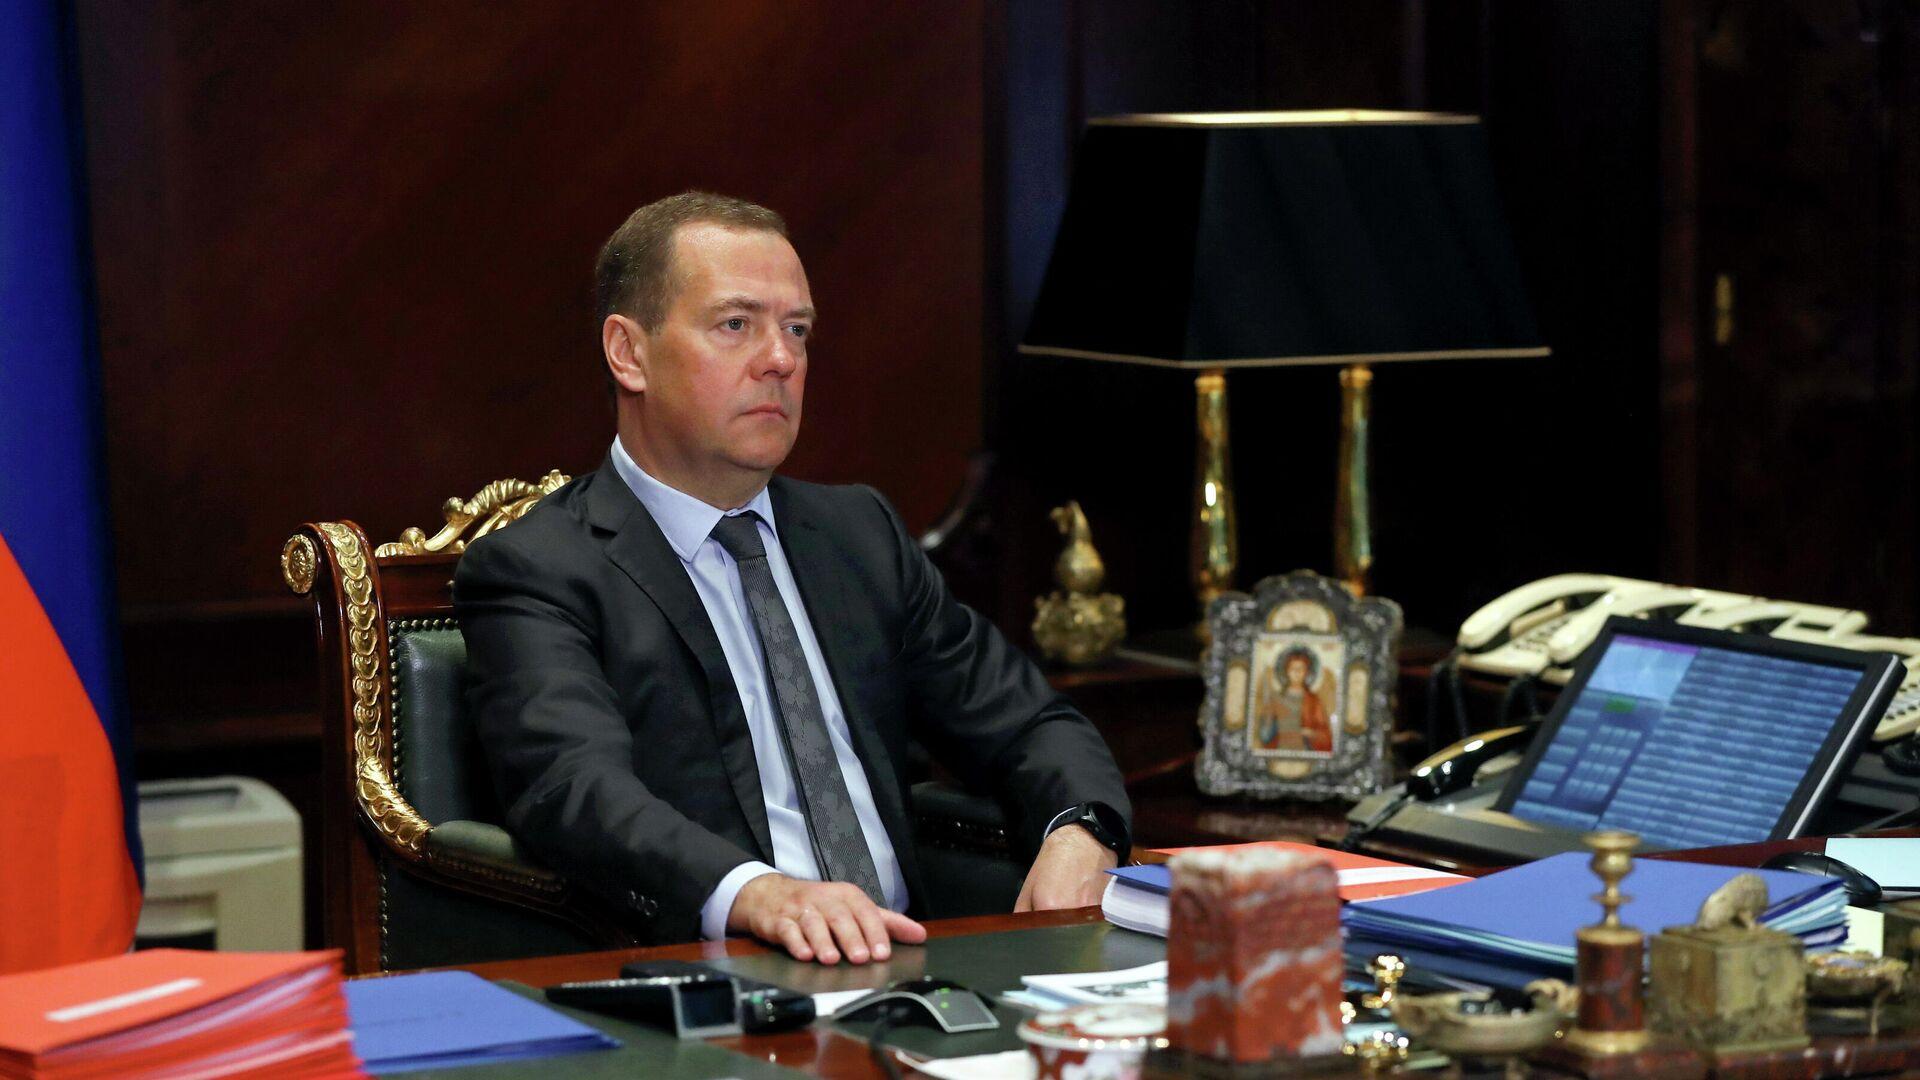 Медведев прокомментировал ситуацию с развертыванием ракетных систем